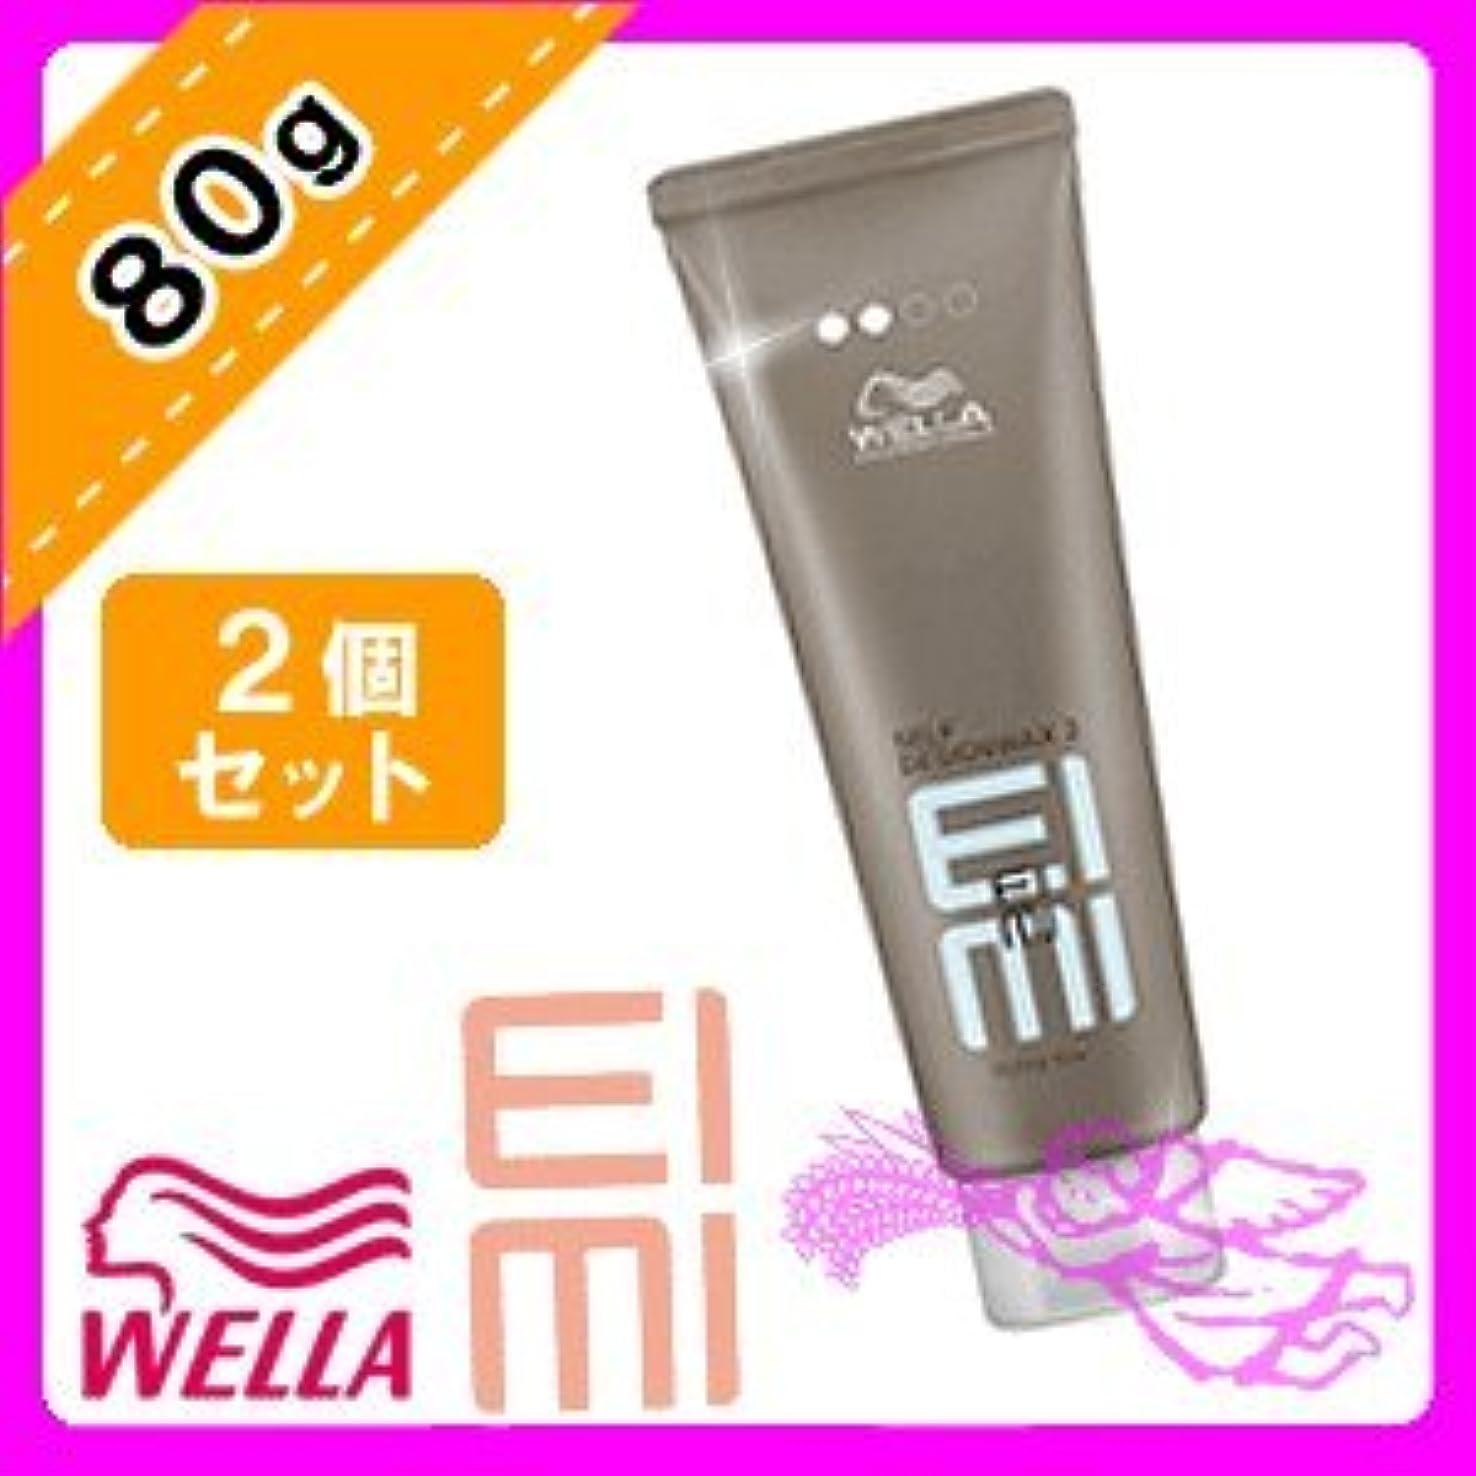 約束する神秘的なウォーターフロントウエラ EIMI(アイミィ) セルフデザインワックス2 80g ×2個 セット WELLA P&G